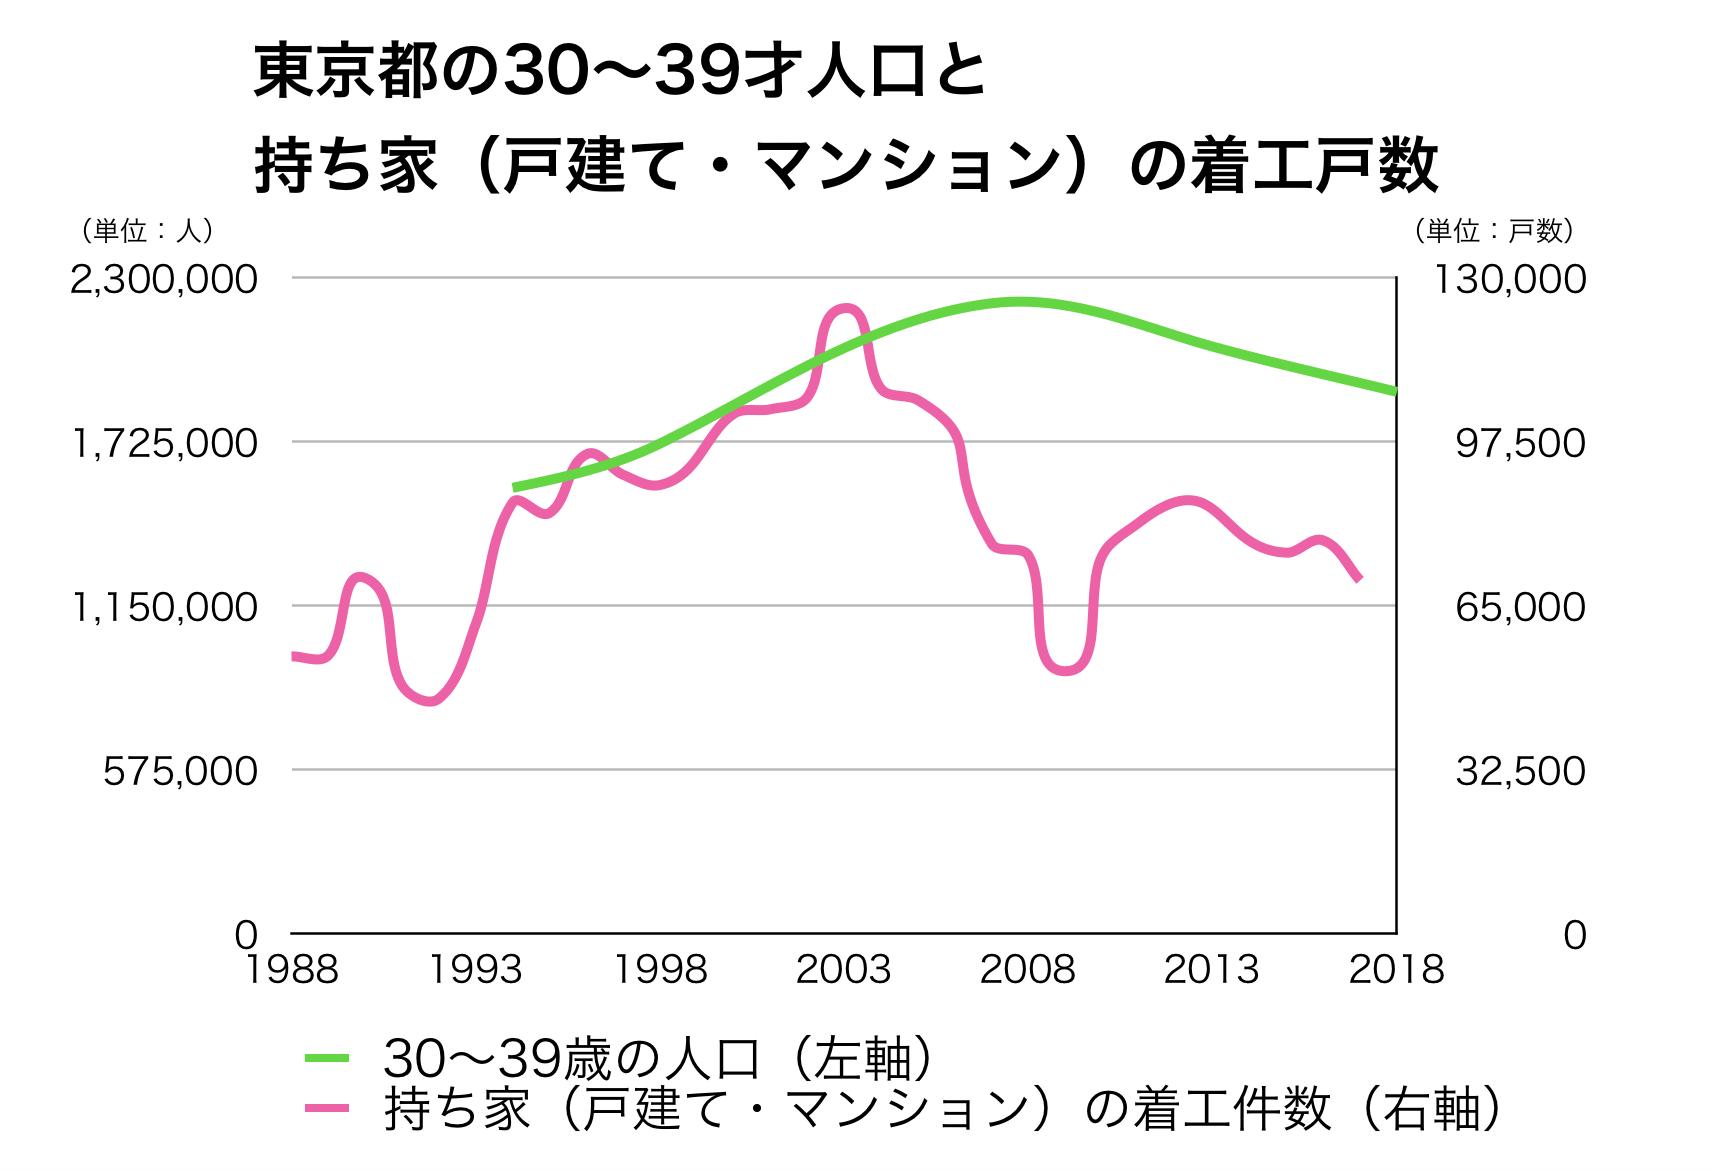 東京の30代人口と新設戸数の推移